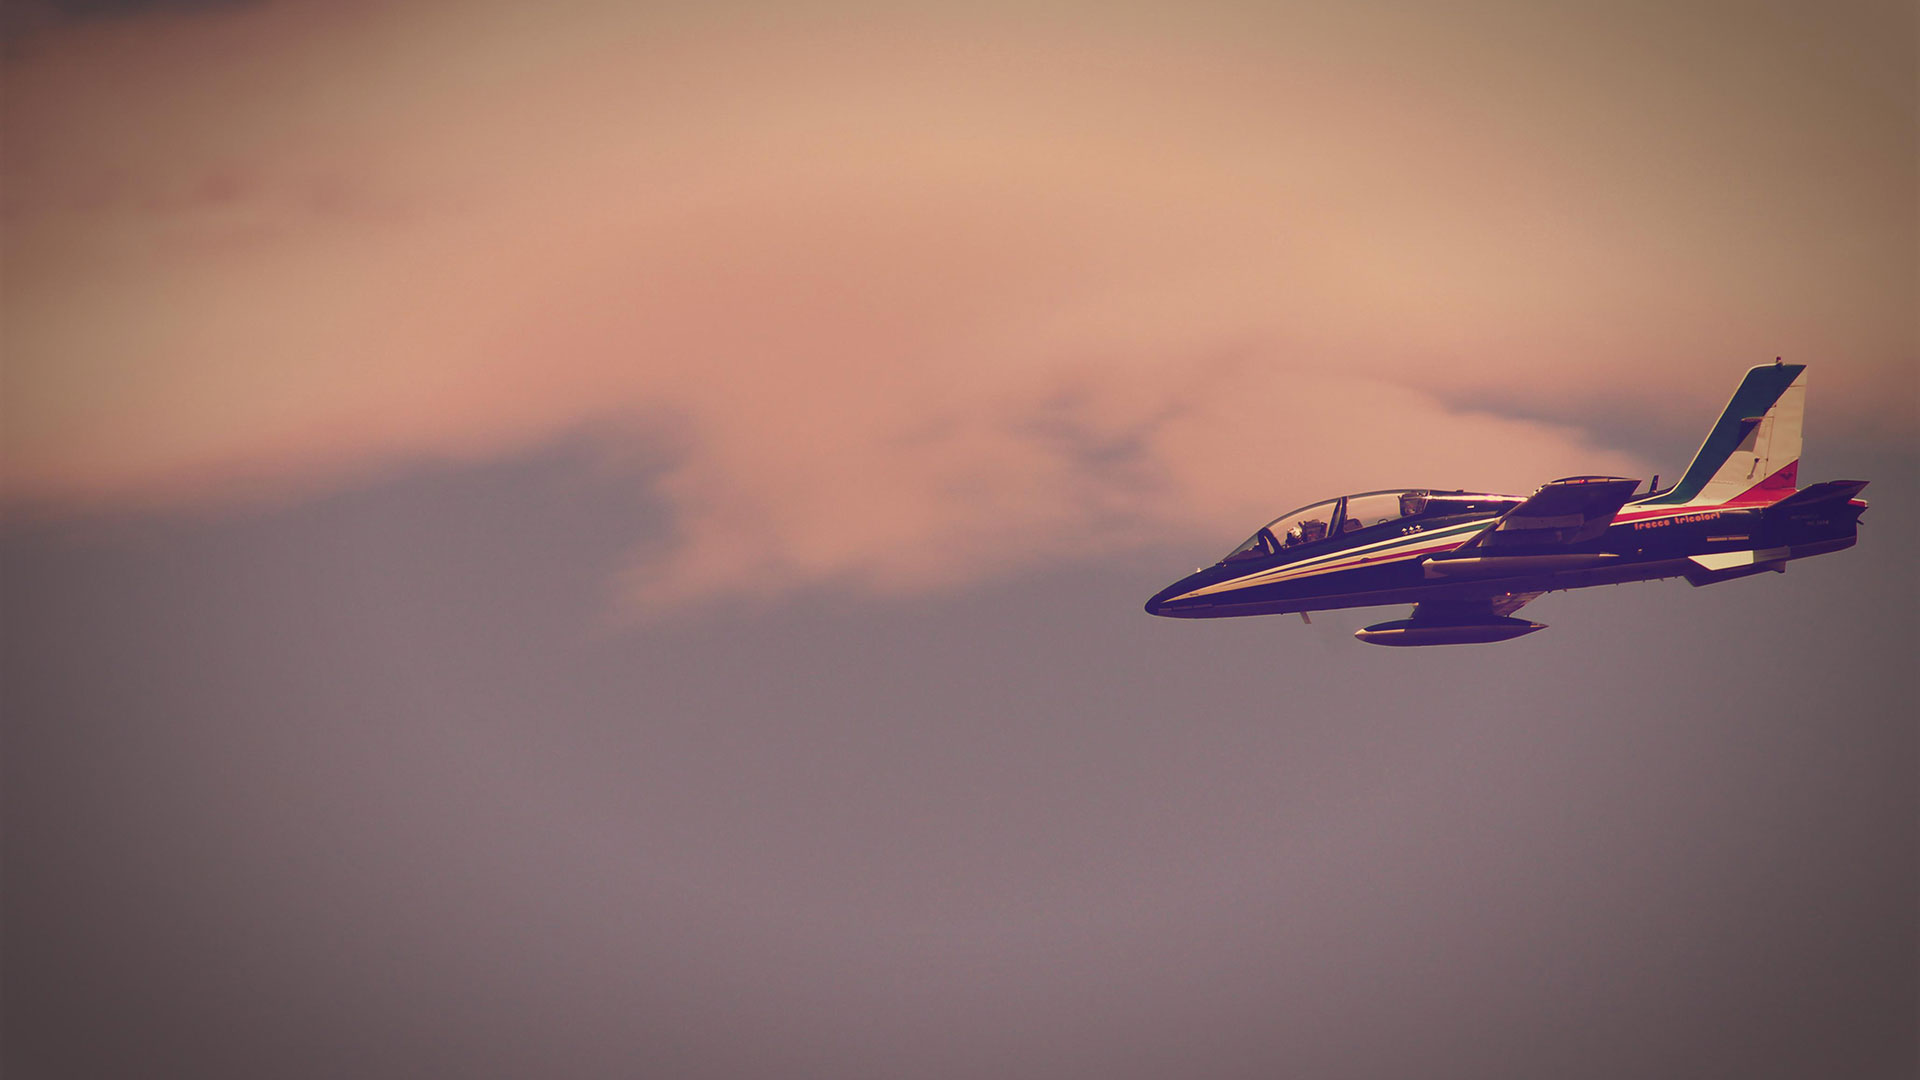 frecce-tricolori-60-anni-pan-pattuglia-acrobatica-nazionale-aeronautica-militare-(27)